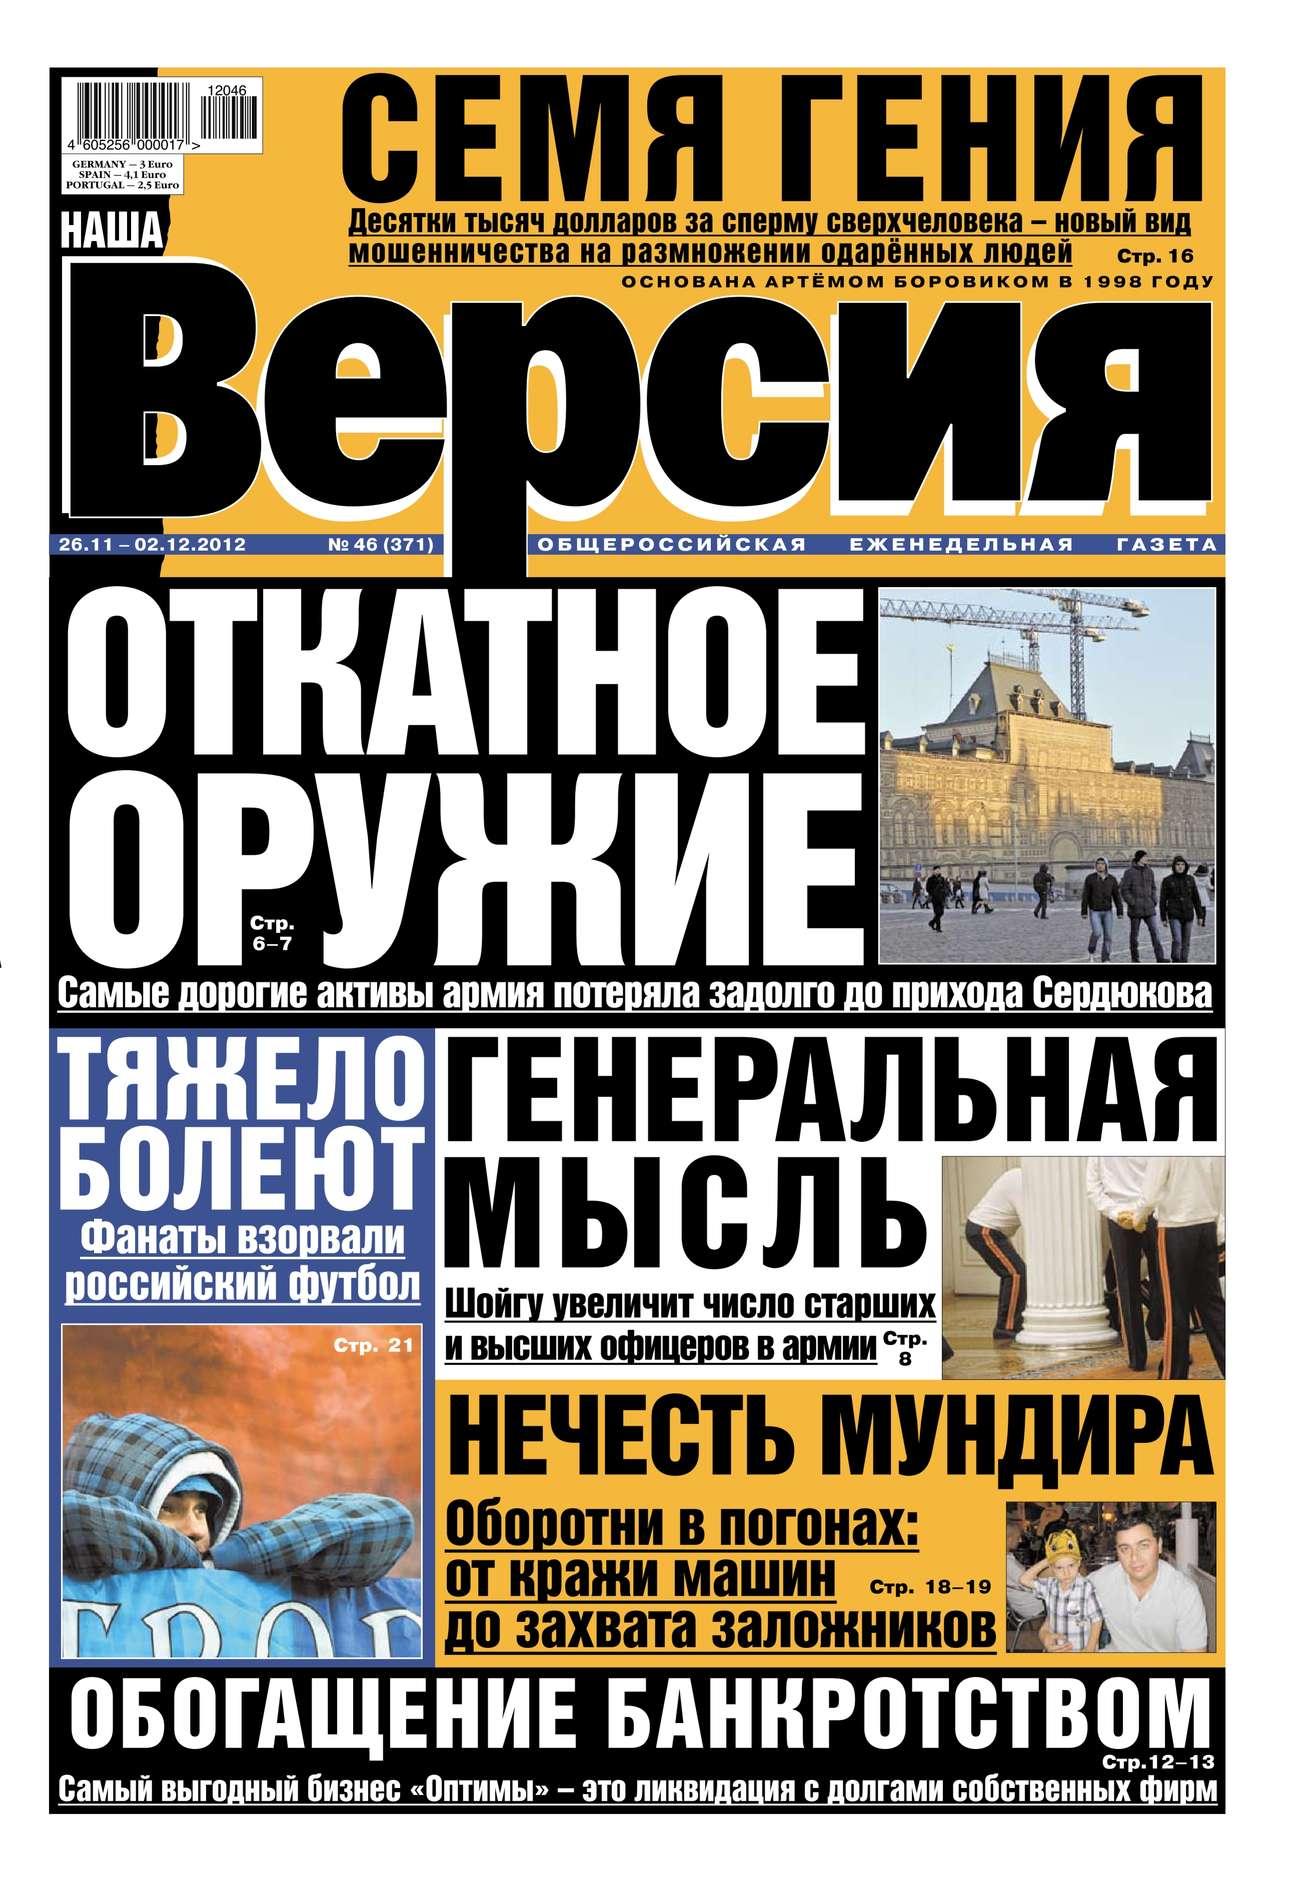 Редакция газеты Наша Версия Наша версия 46-11-2012 hetman fat recovery офисная версия цифровая версия